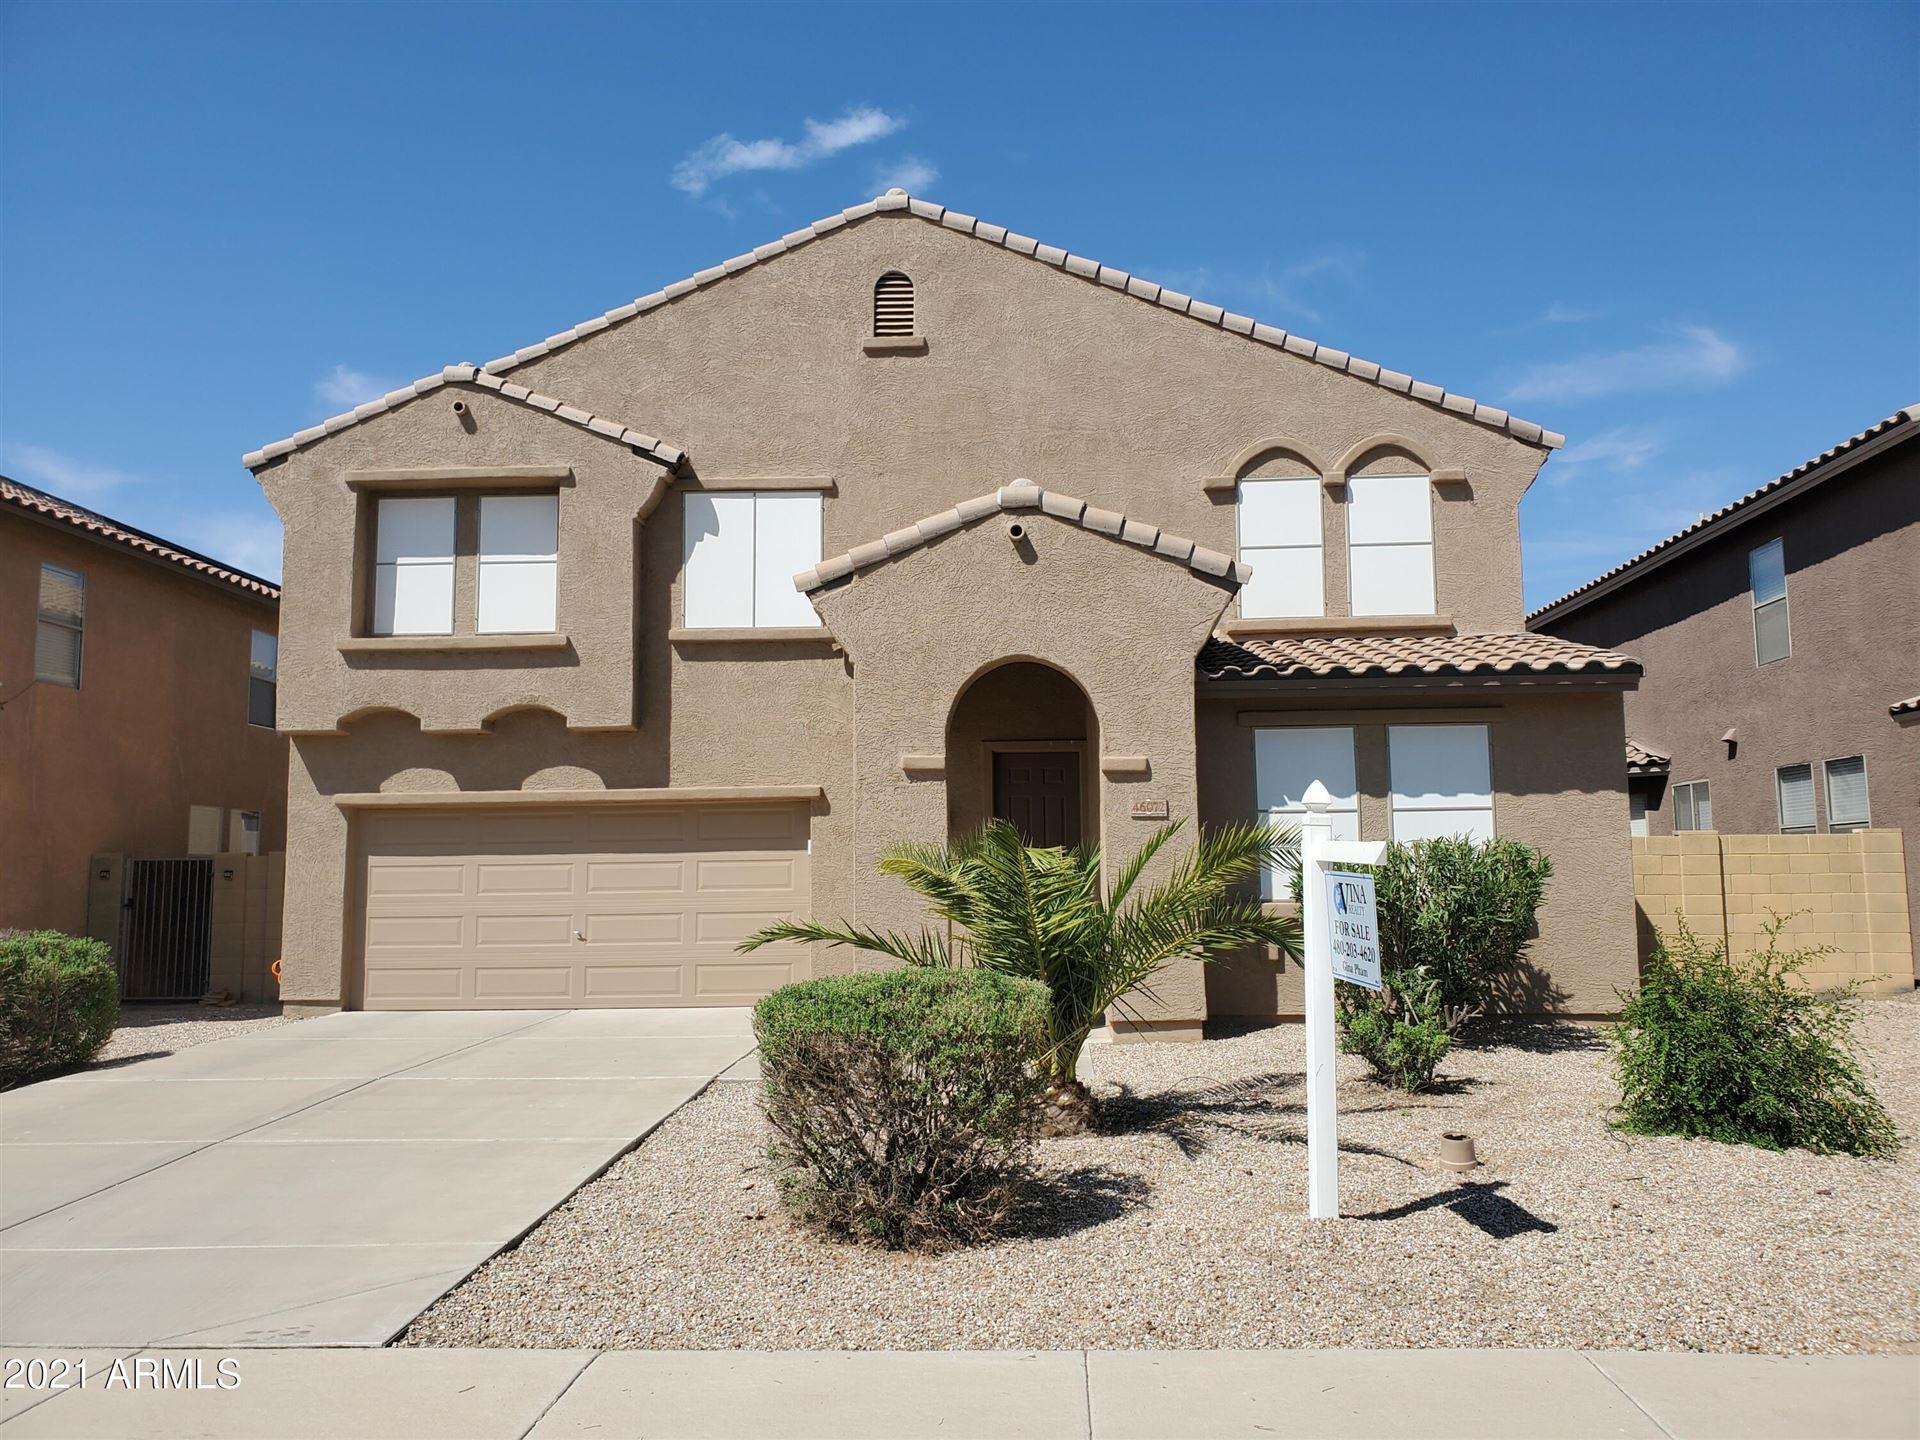 Photo for 46072 W BELLE Avenue, Maricopa, AZ 85139 (MLS # 6289588)